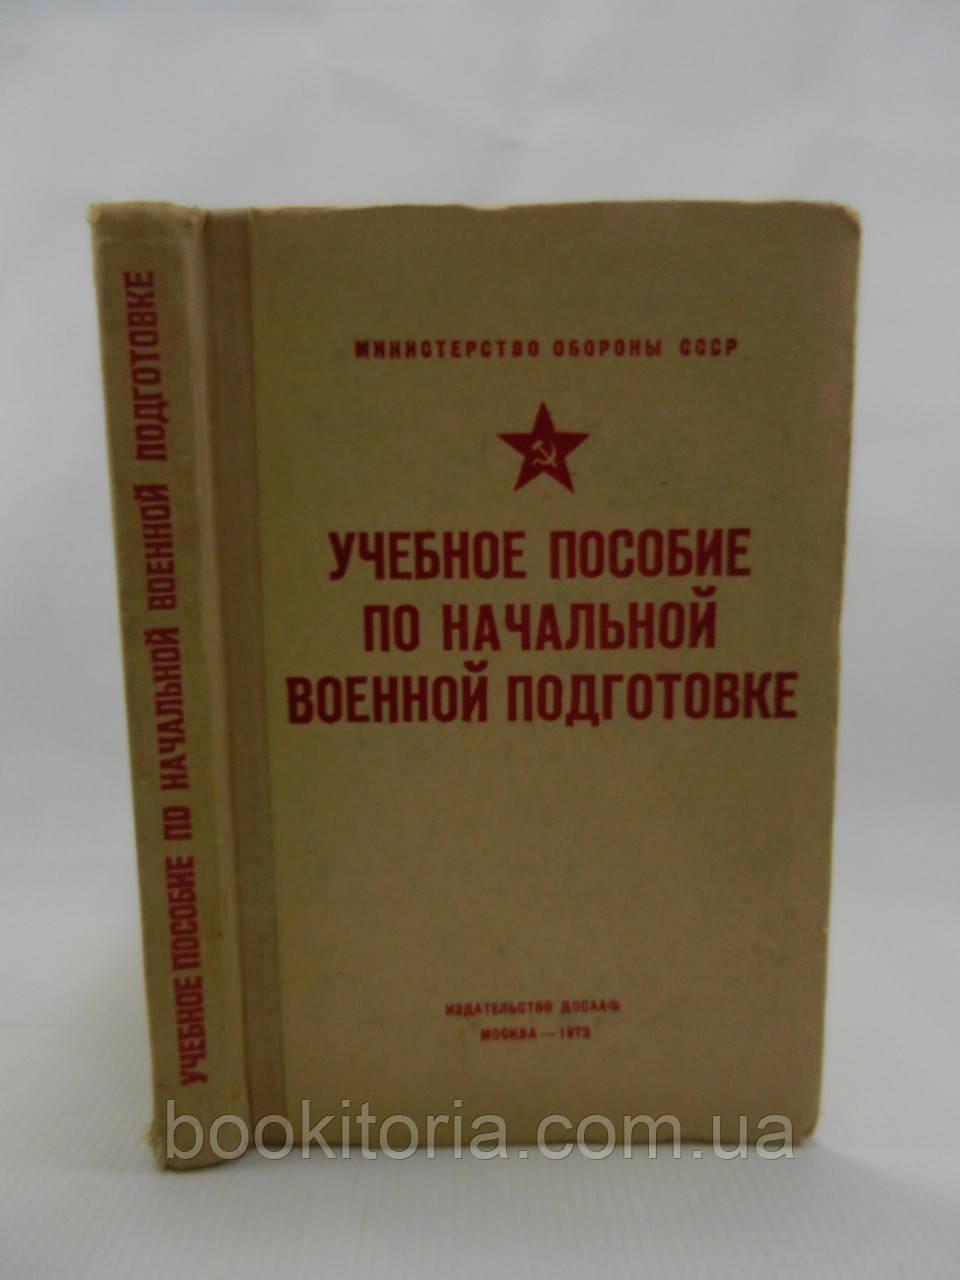 Учебное пособие по начальной военной подготовке (б/у).